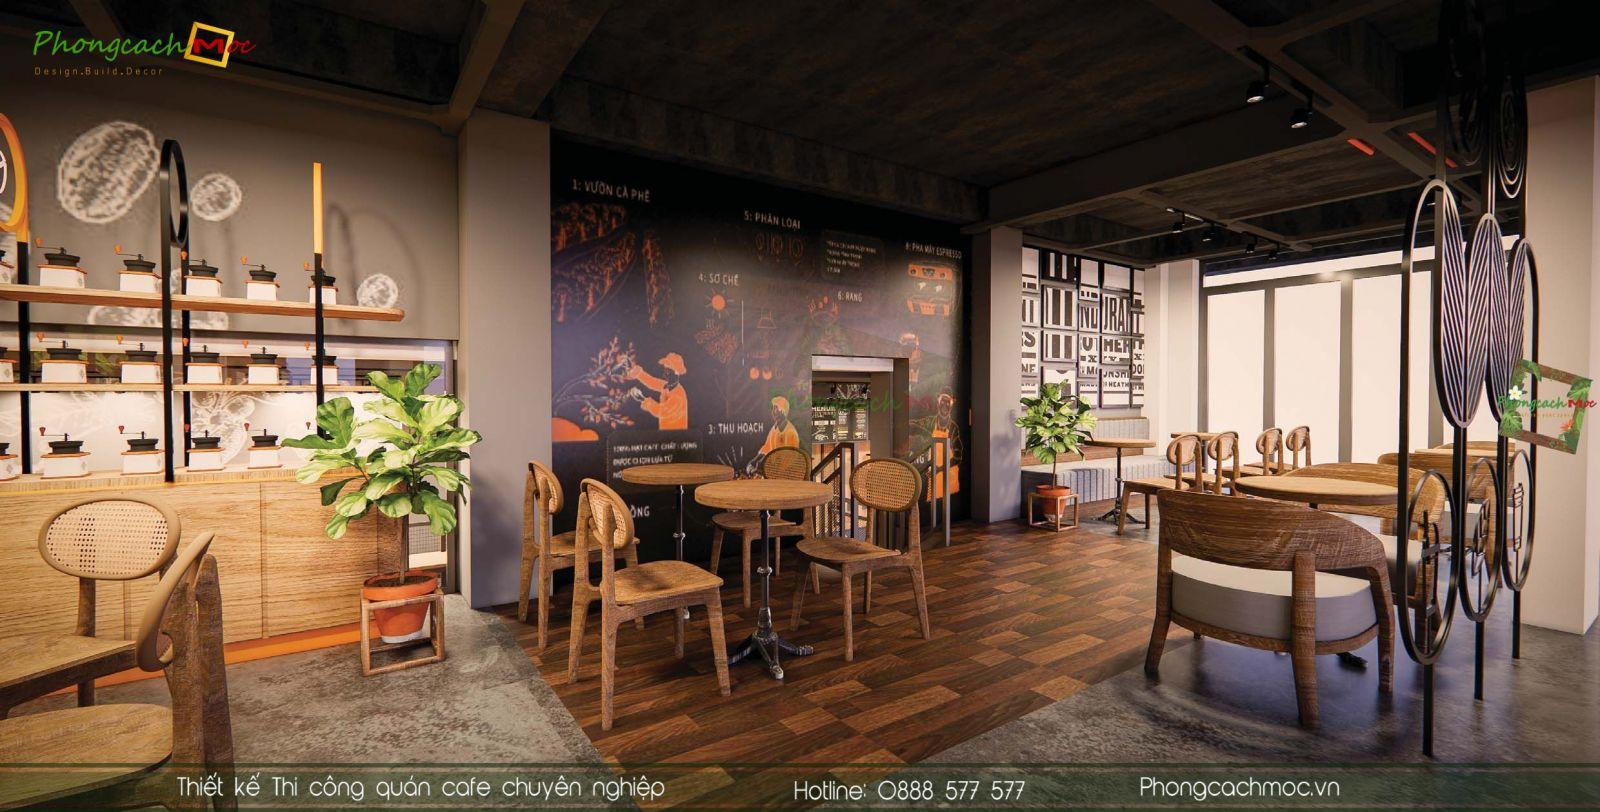 Thiết kế quán cafe Mr Phin